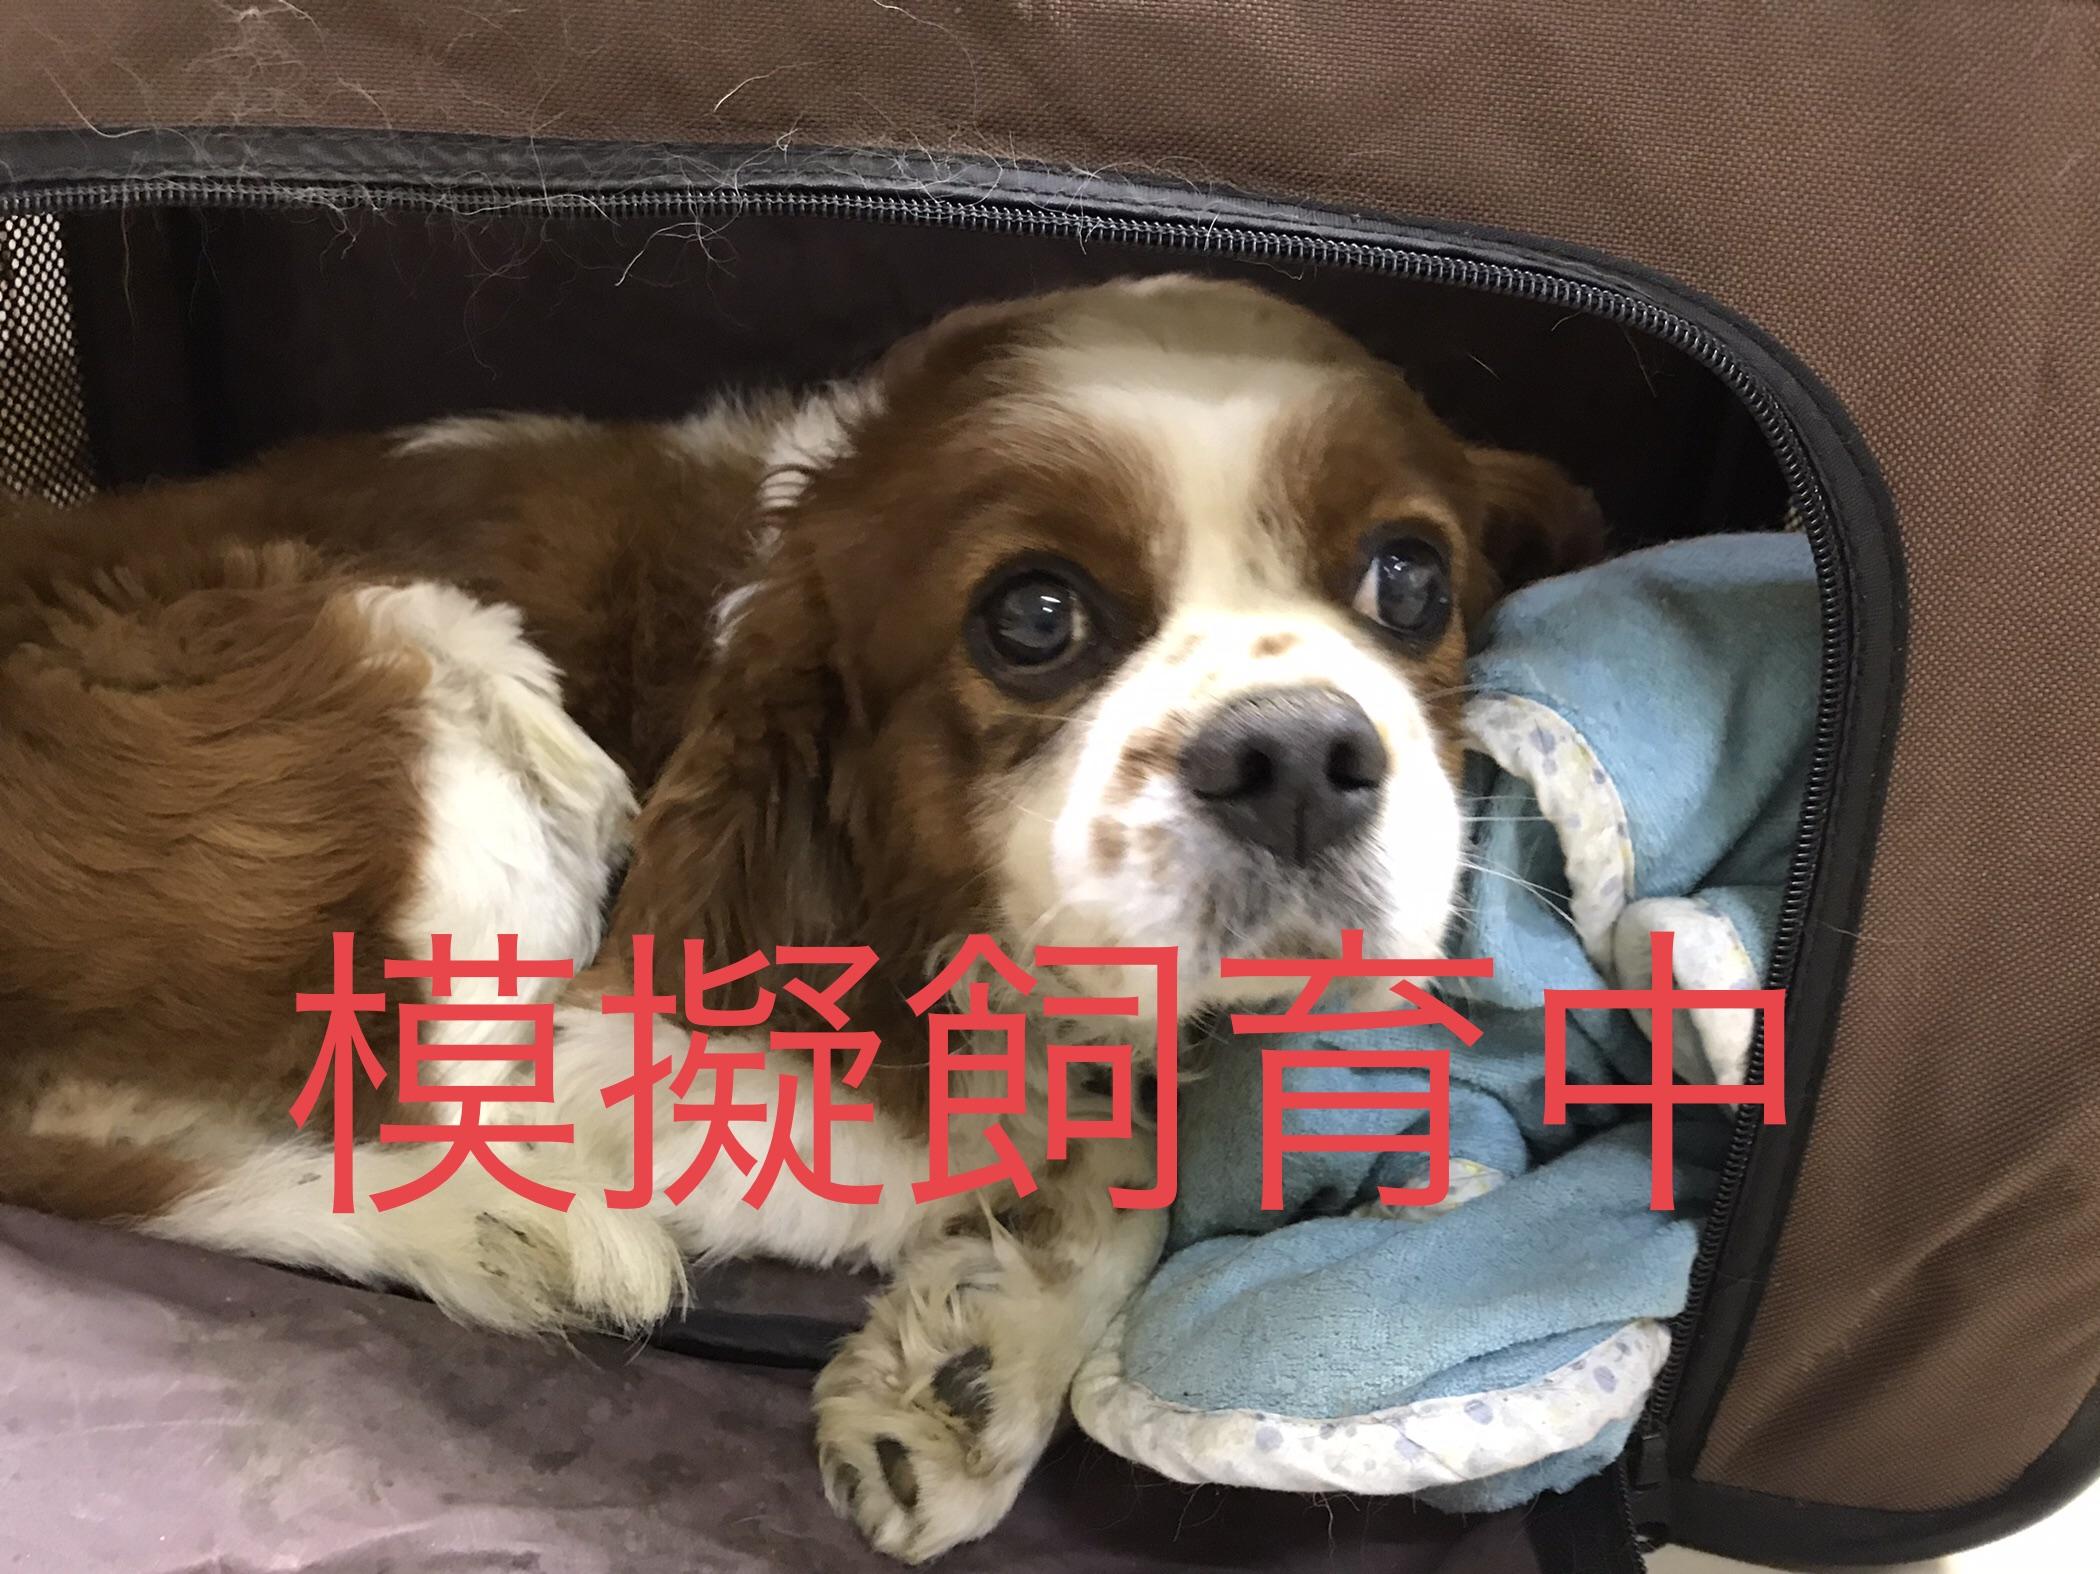 <ul> <li>犬種:キャバリア</li> <li>性別:男の子</li> <li>名前:チップ</li> <li>年齢:2010年10月22日</li> <li>保護経緯:飼い主様が引越しのため飼育困難になりました</li> </ul>